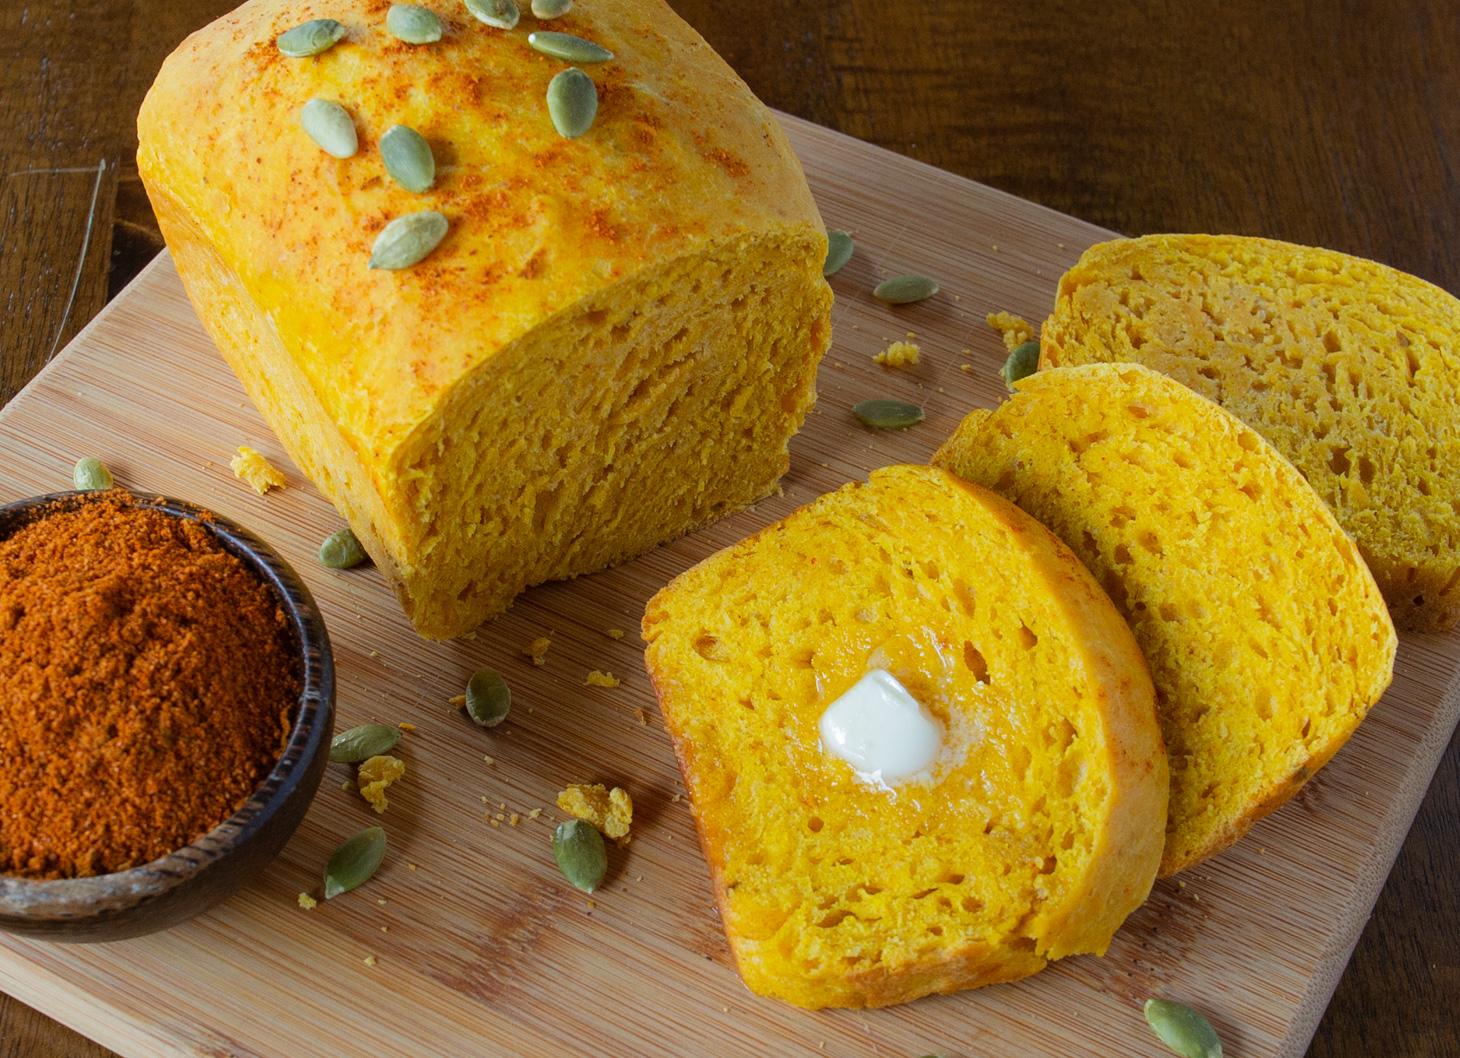 h639-pumpkin-bread-with-pilpelchuma.jpg